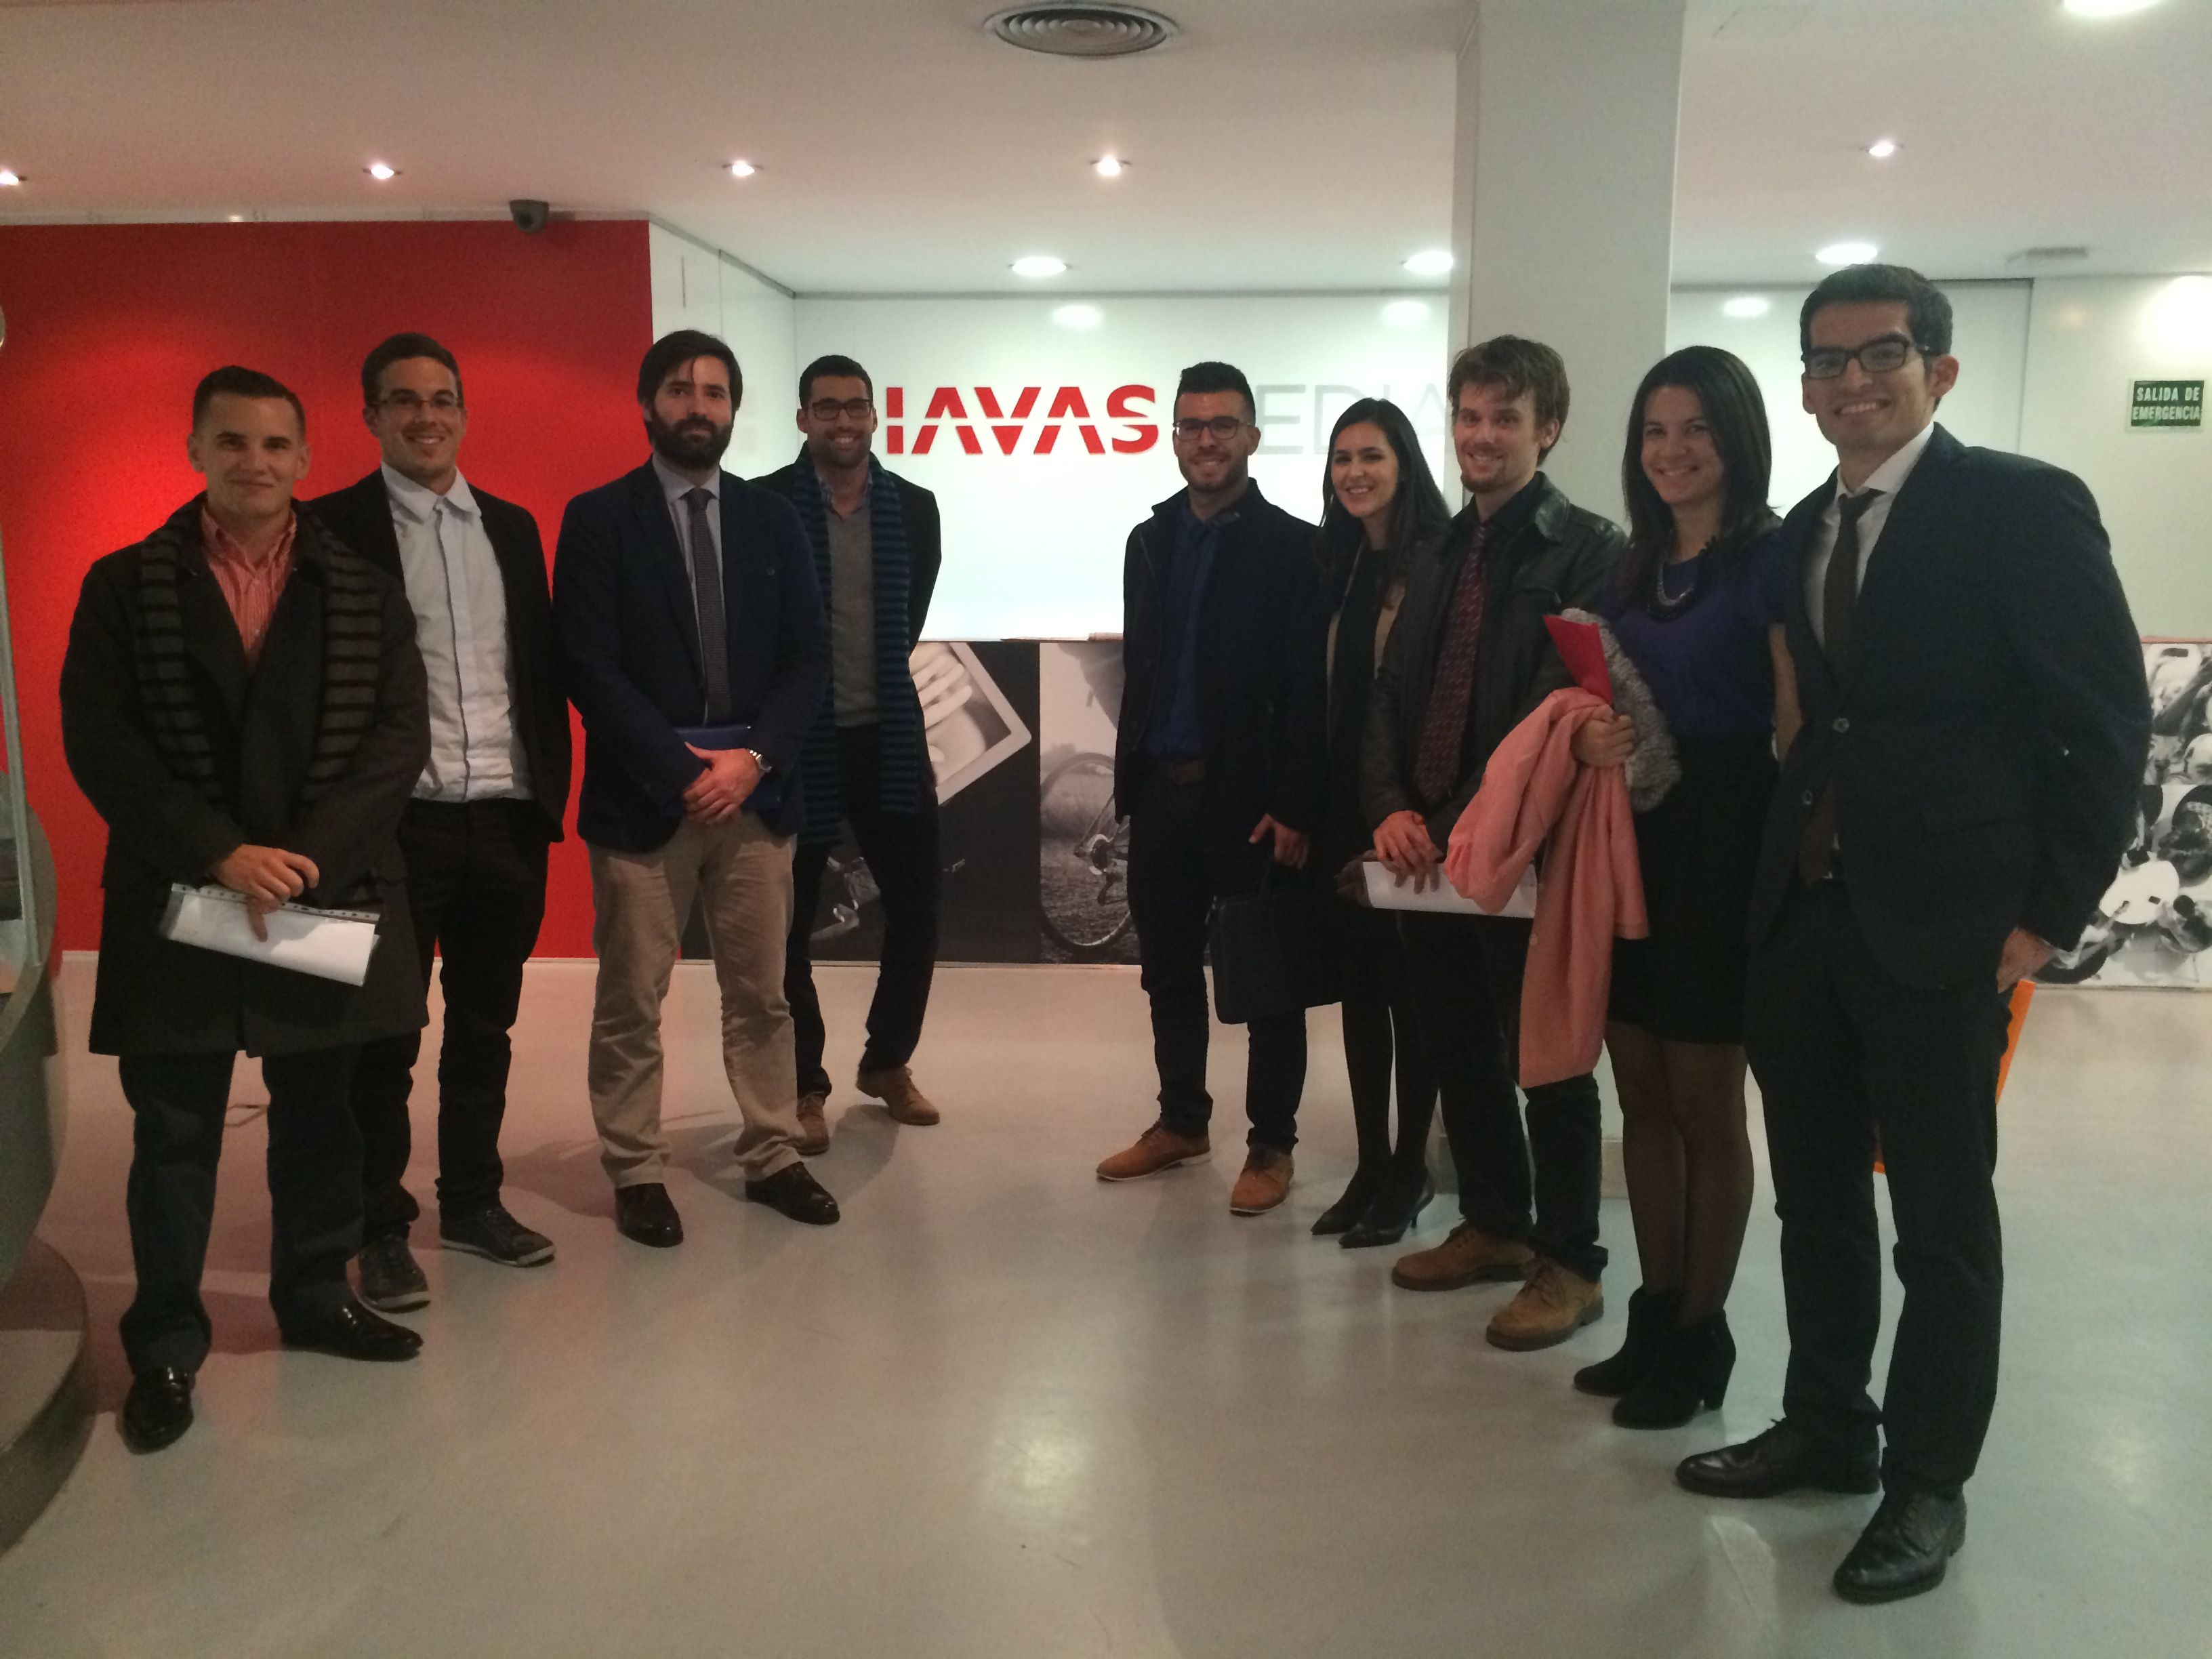 Sede de Havas Media en Madrid